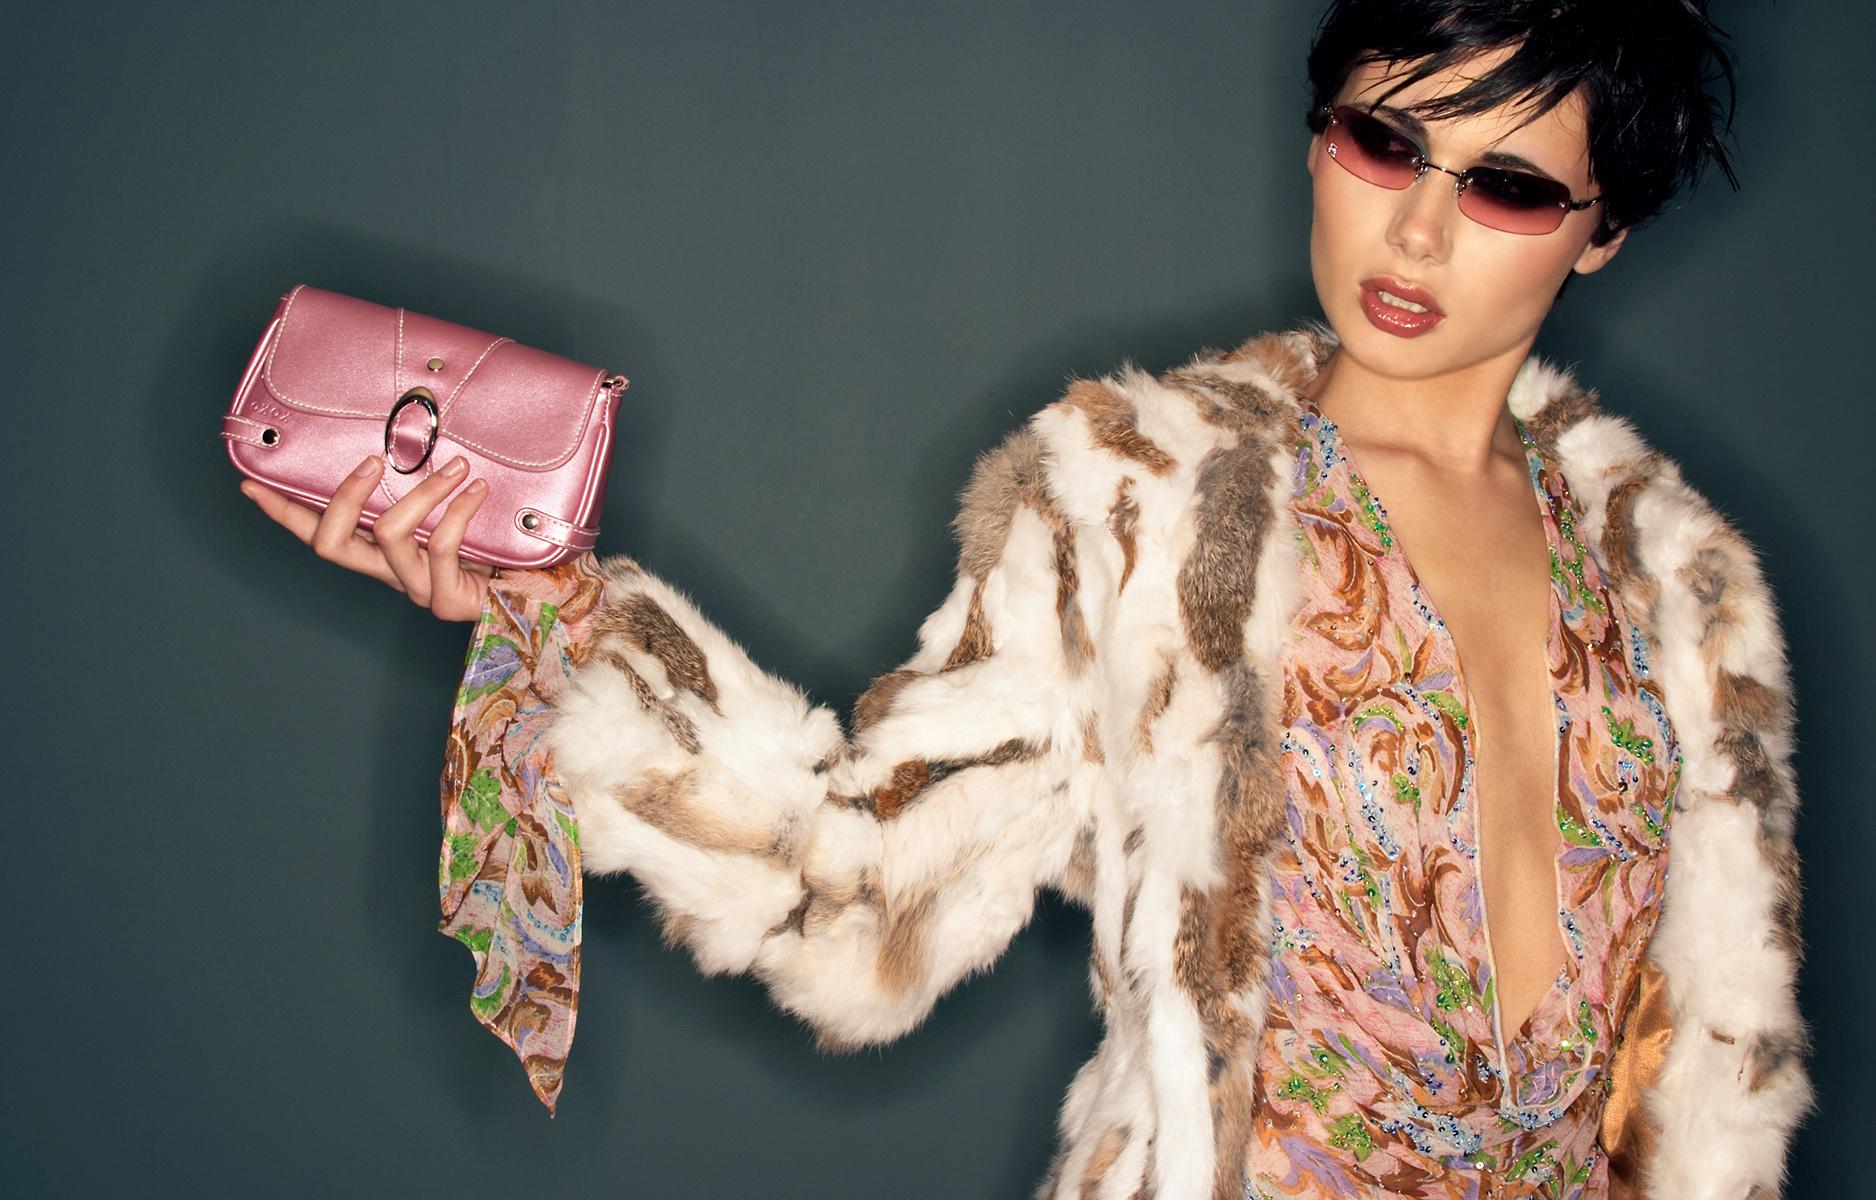 Fashion_photography-2.jpg